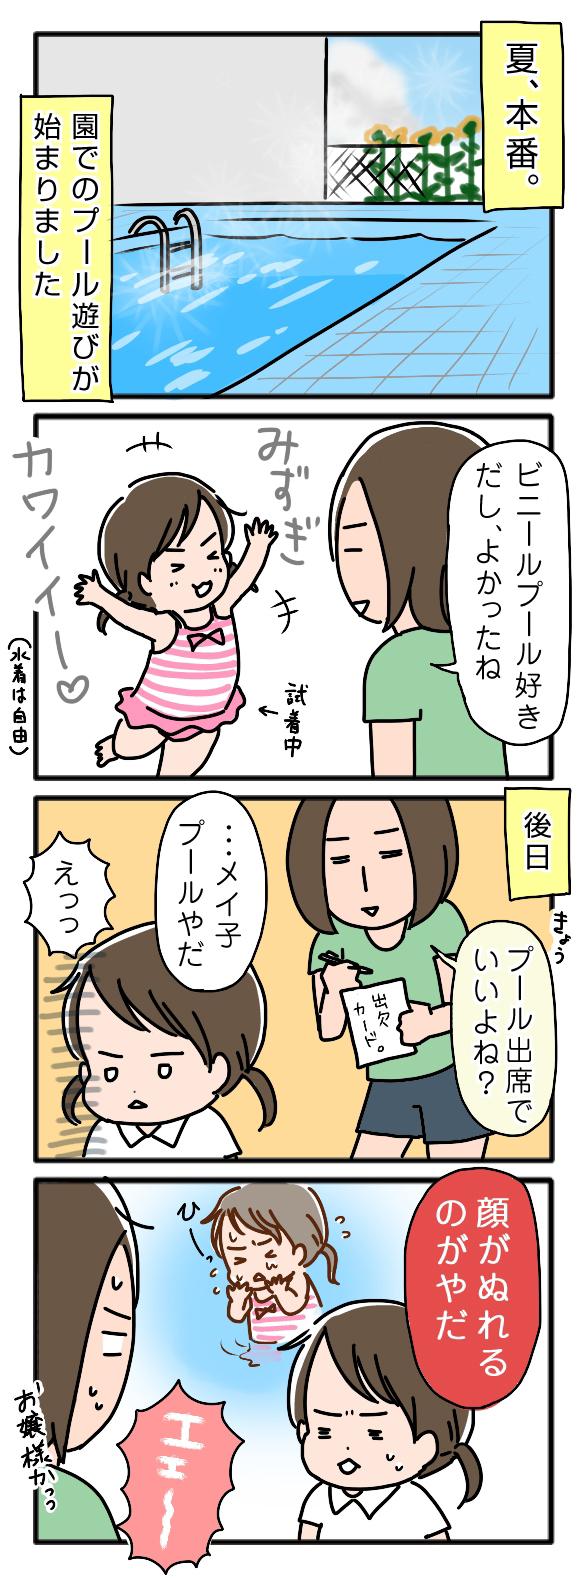 幼稚園でのプール遊びにわくわく!のはずが、娘の意外な反応とは? ~姉ちゃんは育児中 年少編8~の画像1